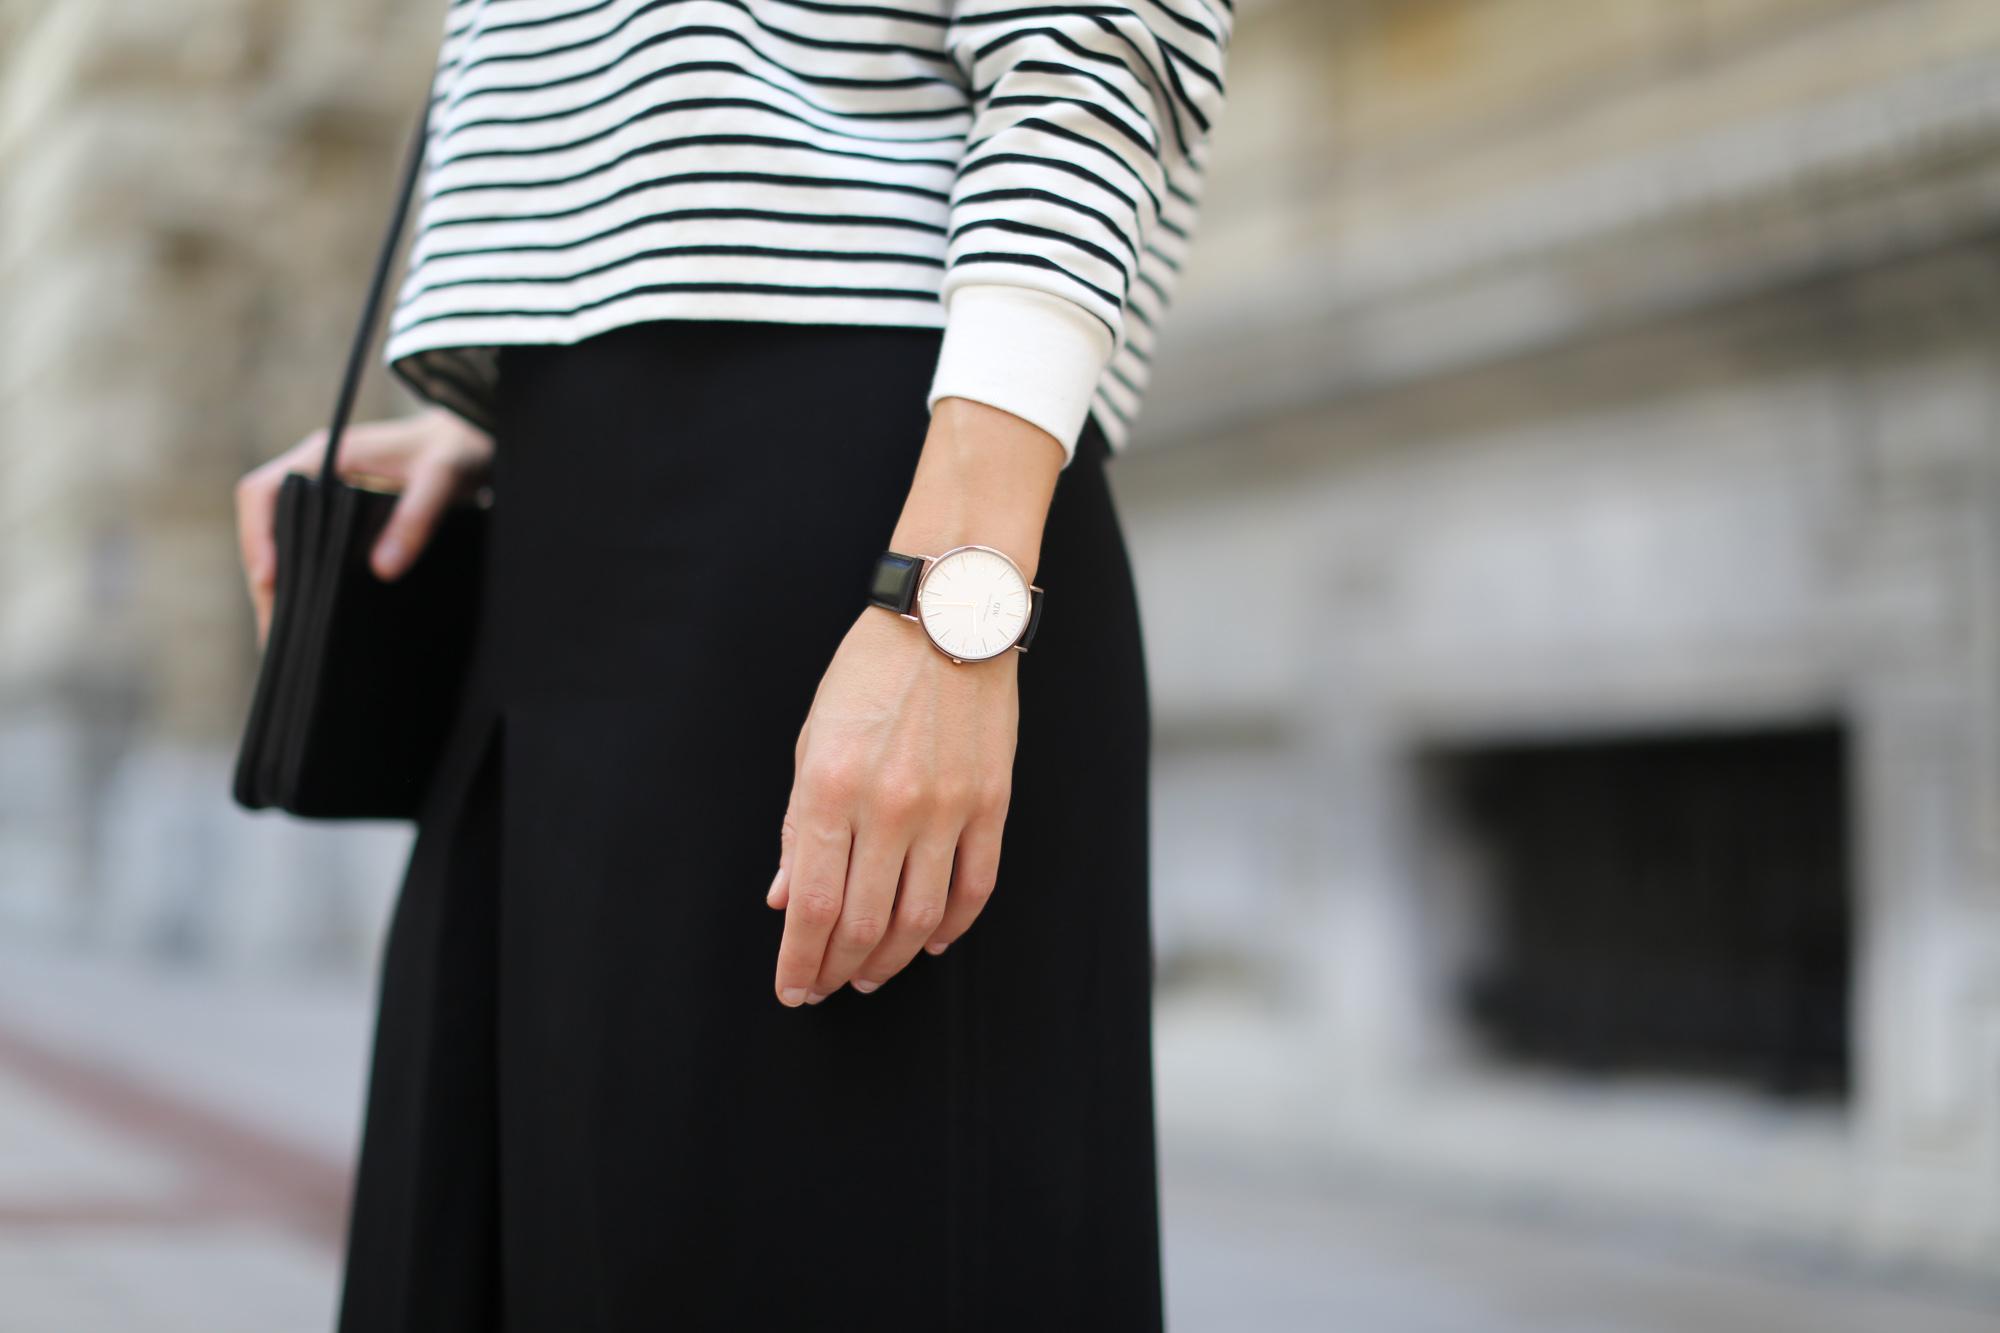 Clochet-streetstyle-culottes-zara-stripped-weater-celine-trio-bag-daniel-wellington-watch-10